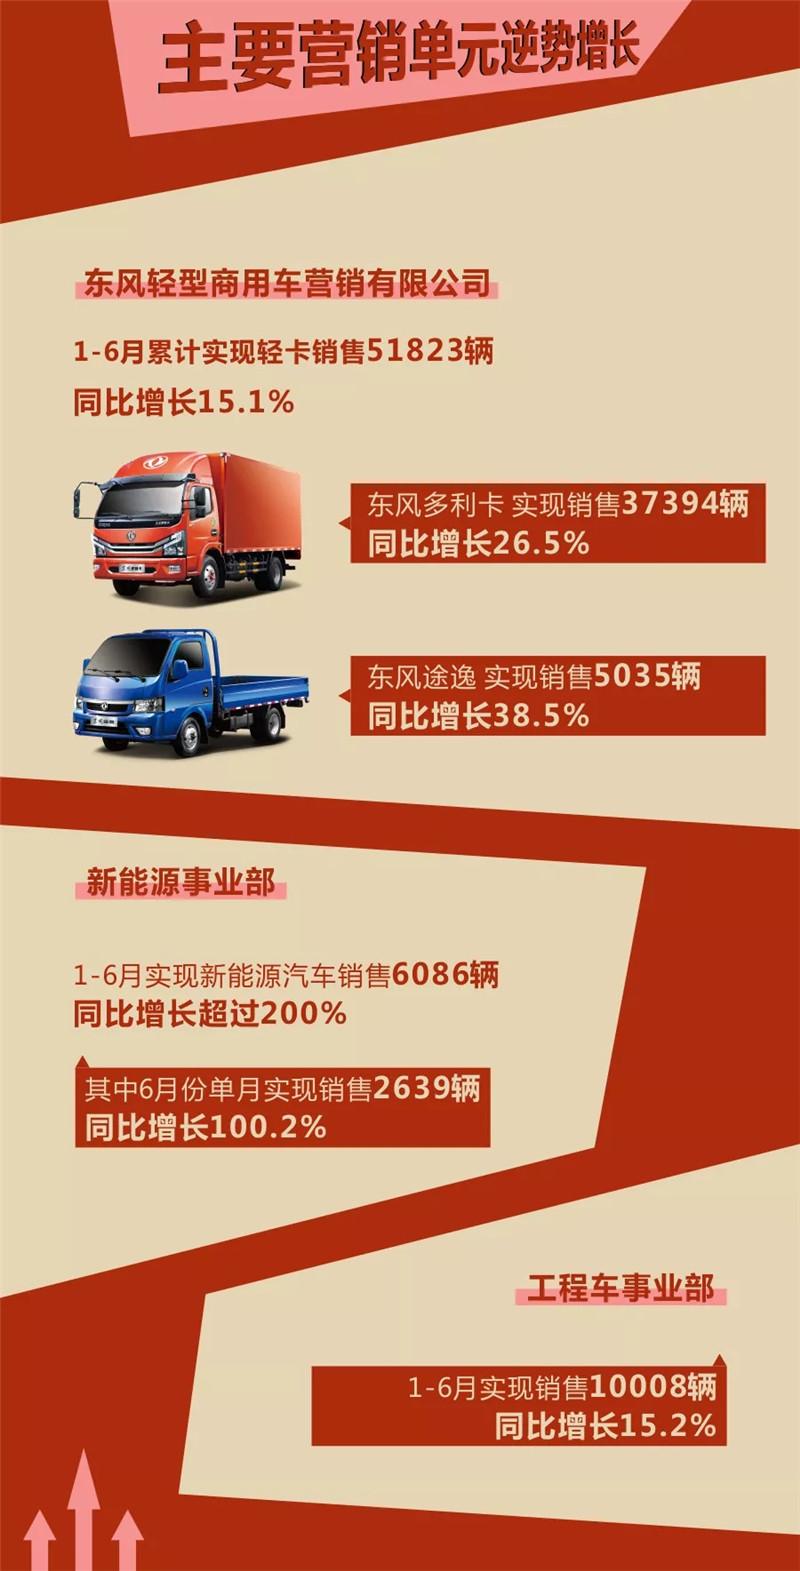 东风汽车股份 (1)